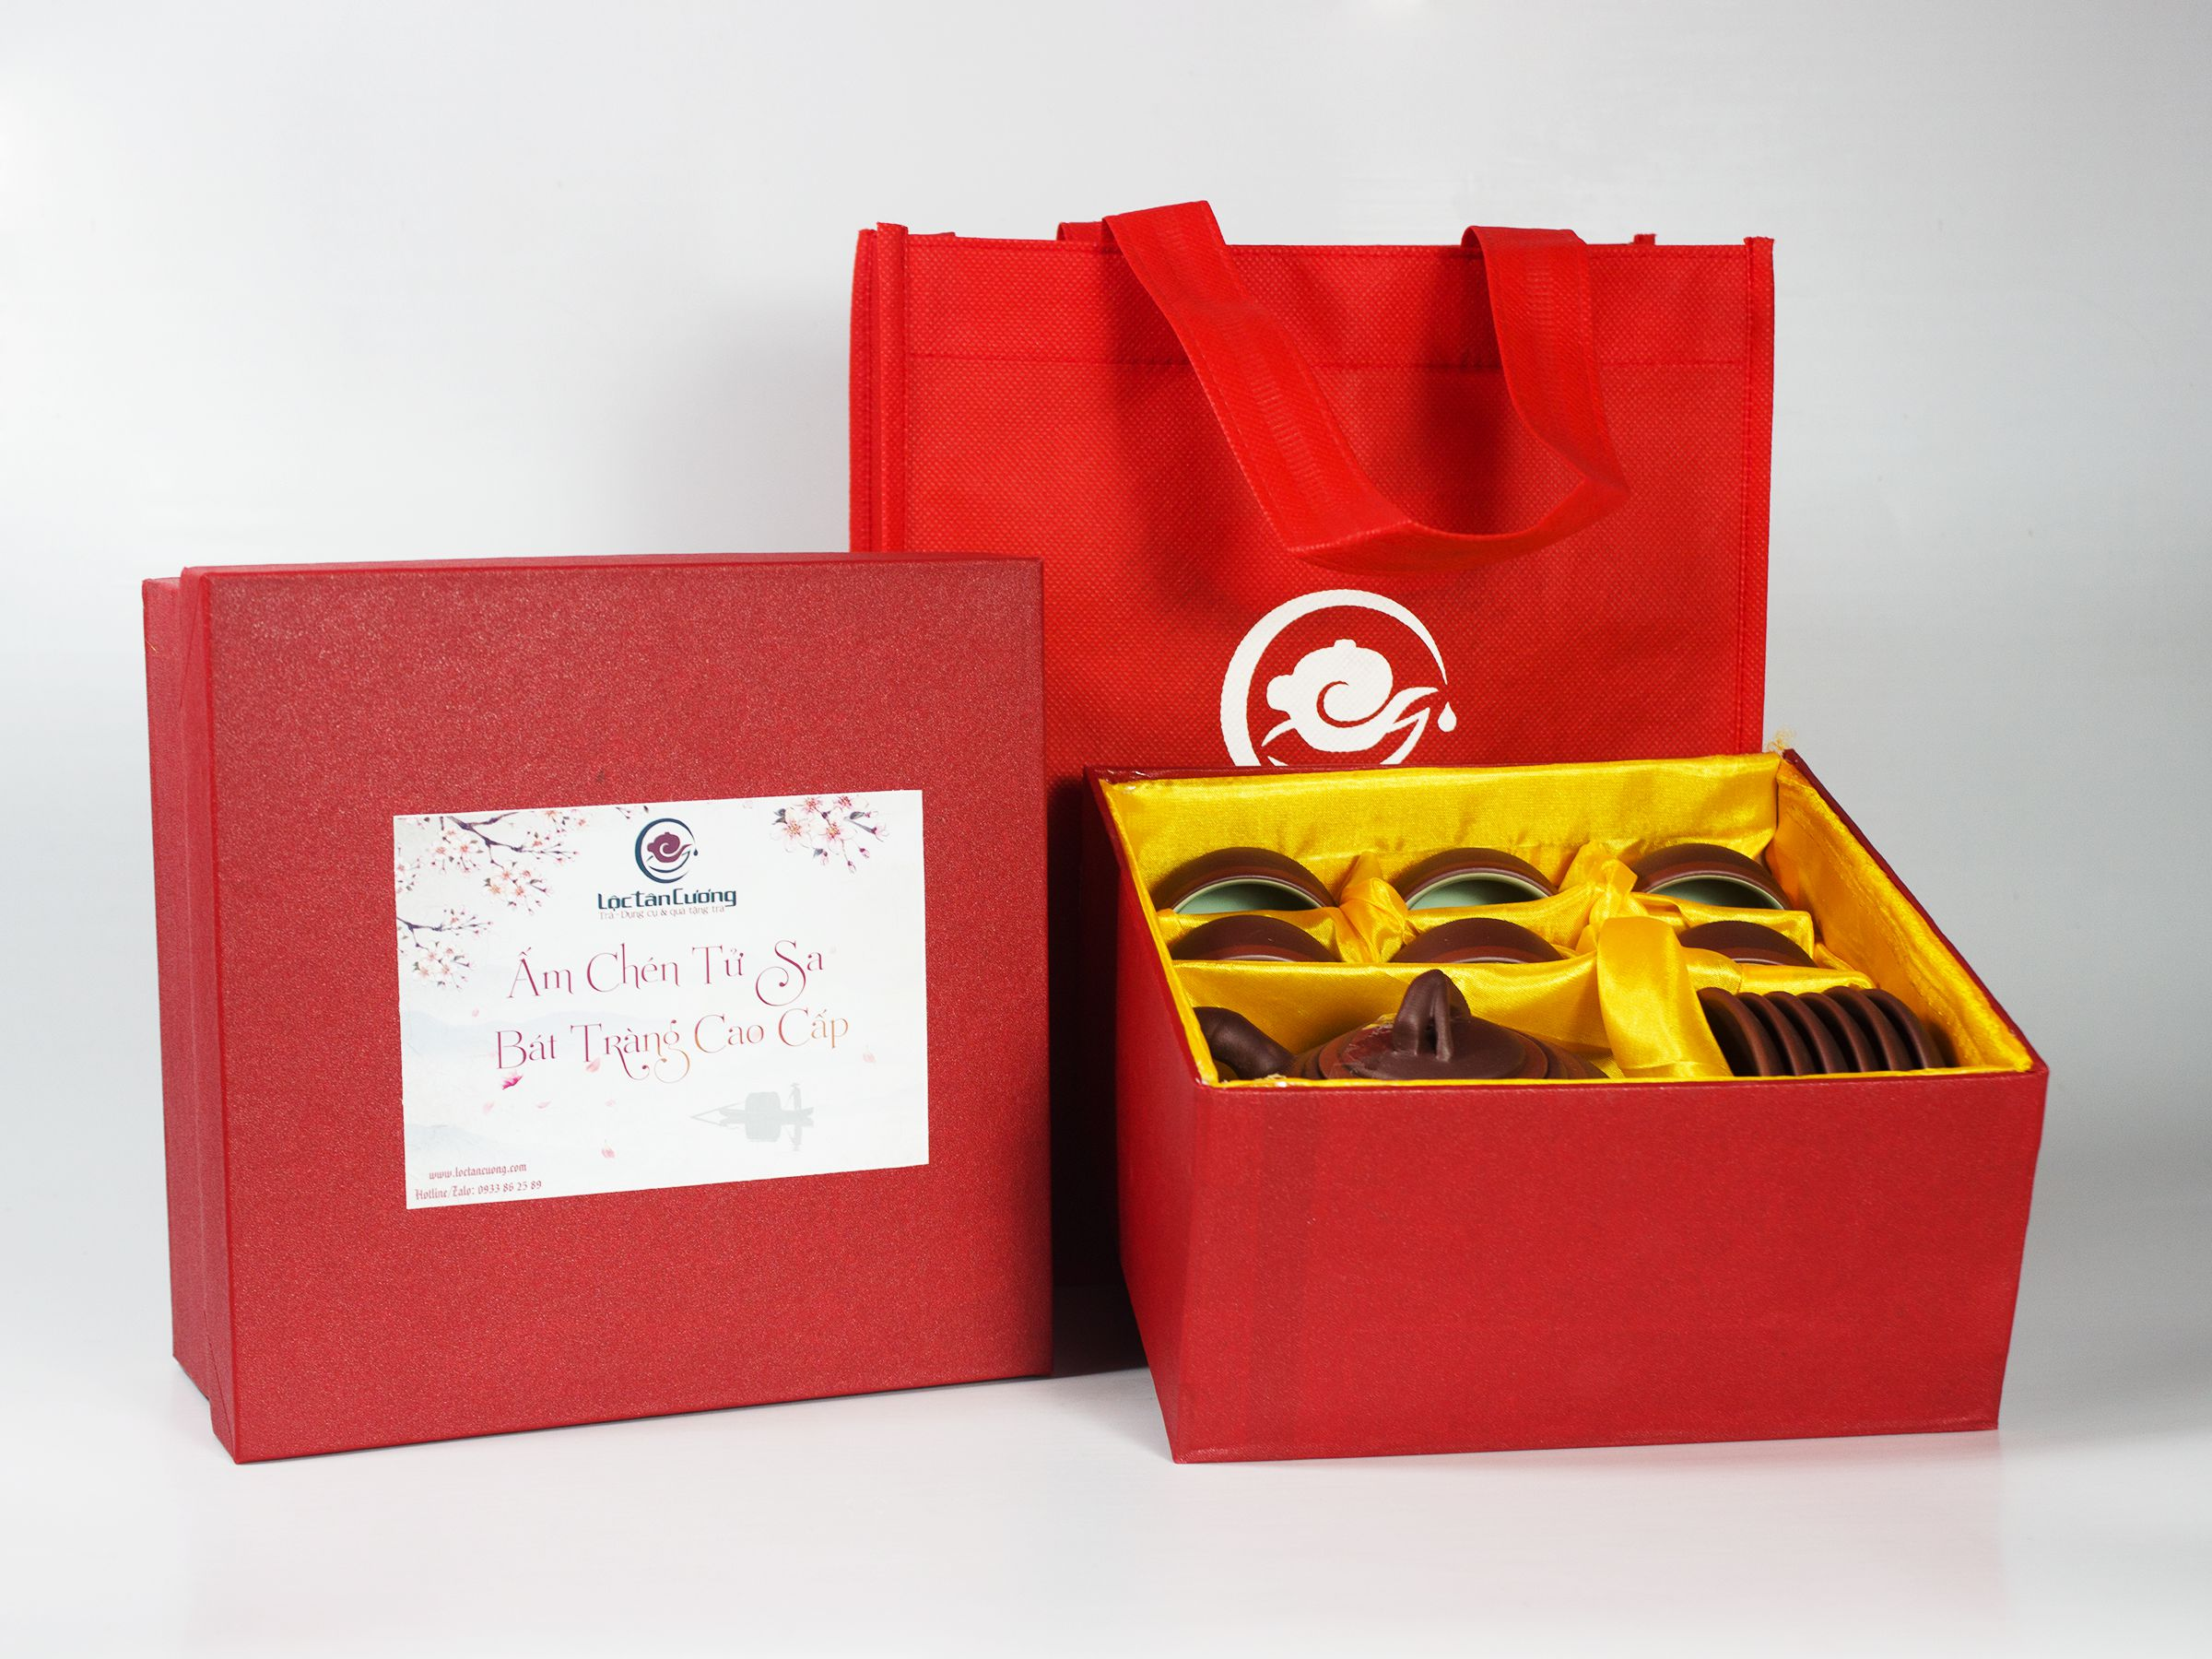 Bộ ấm có hộp màu đỏ và túi xách vải màu đỏ để đựng, phù hợp để dùng và biếu tặng